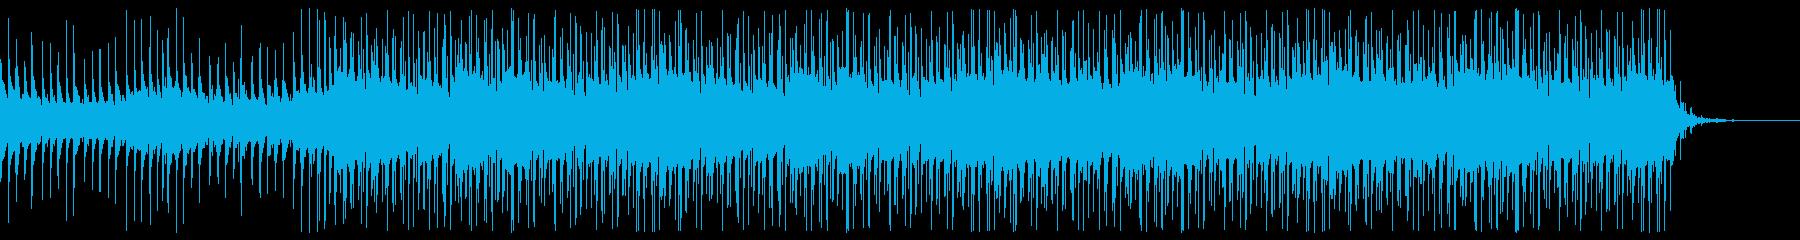 トロピカルなエレクトロビートの再生済みの波形